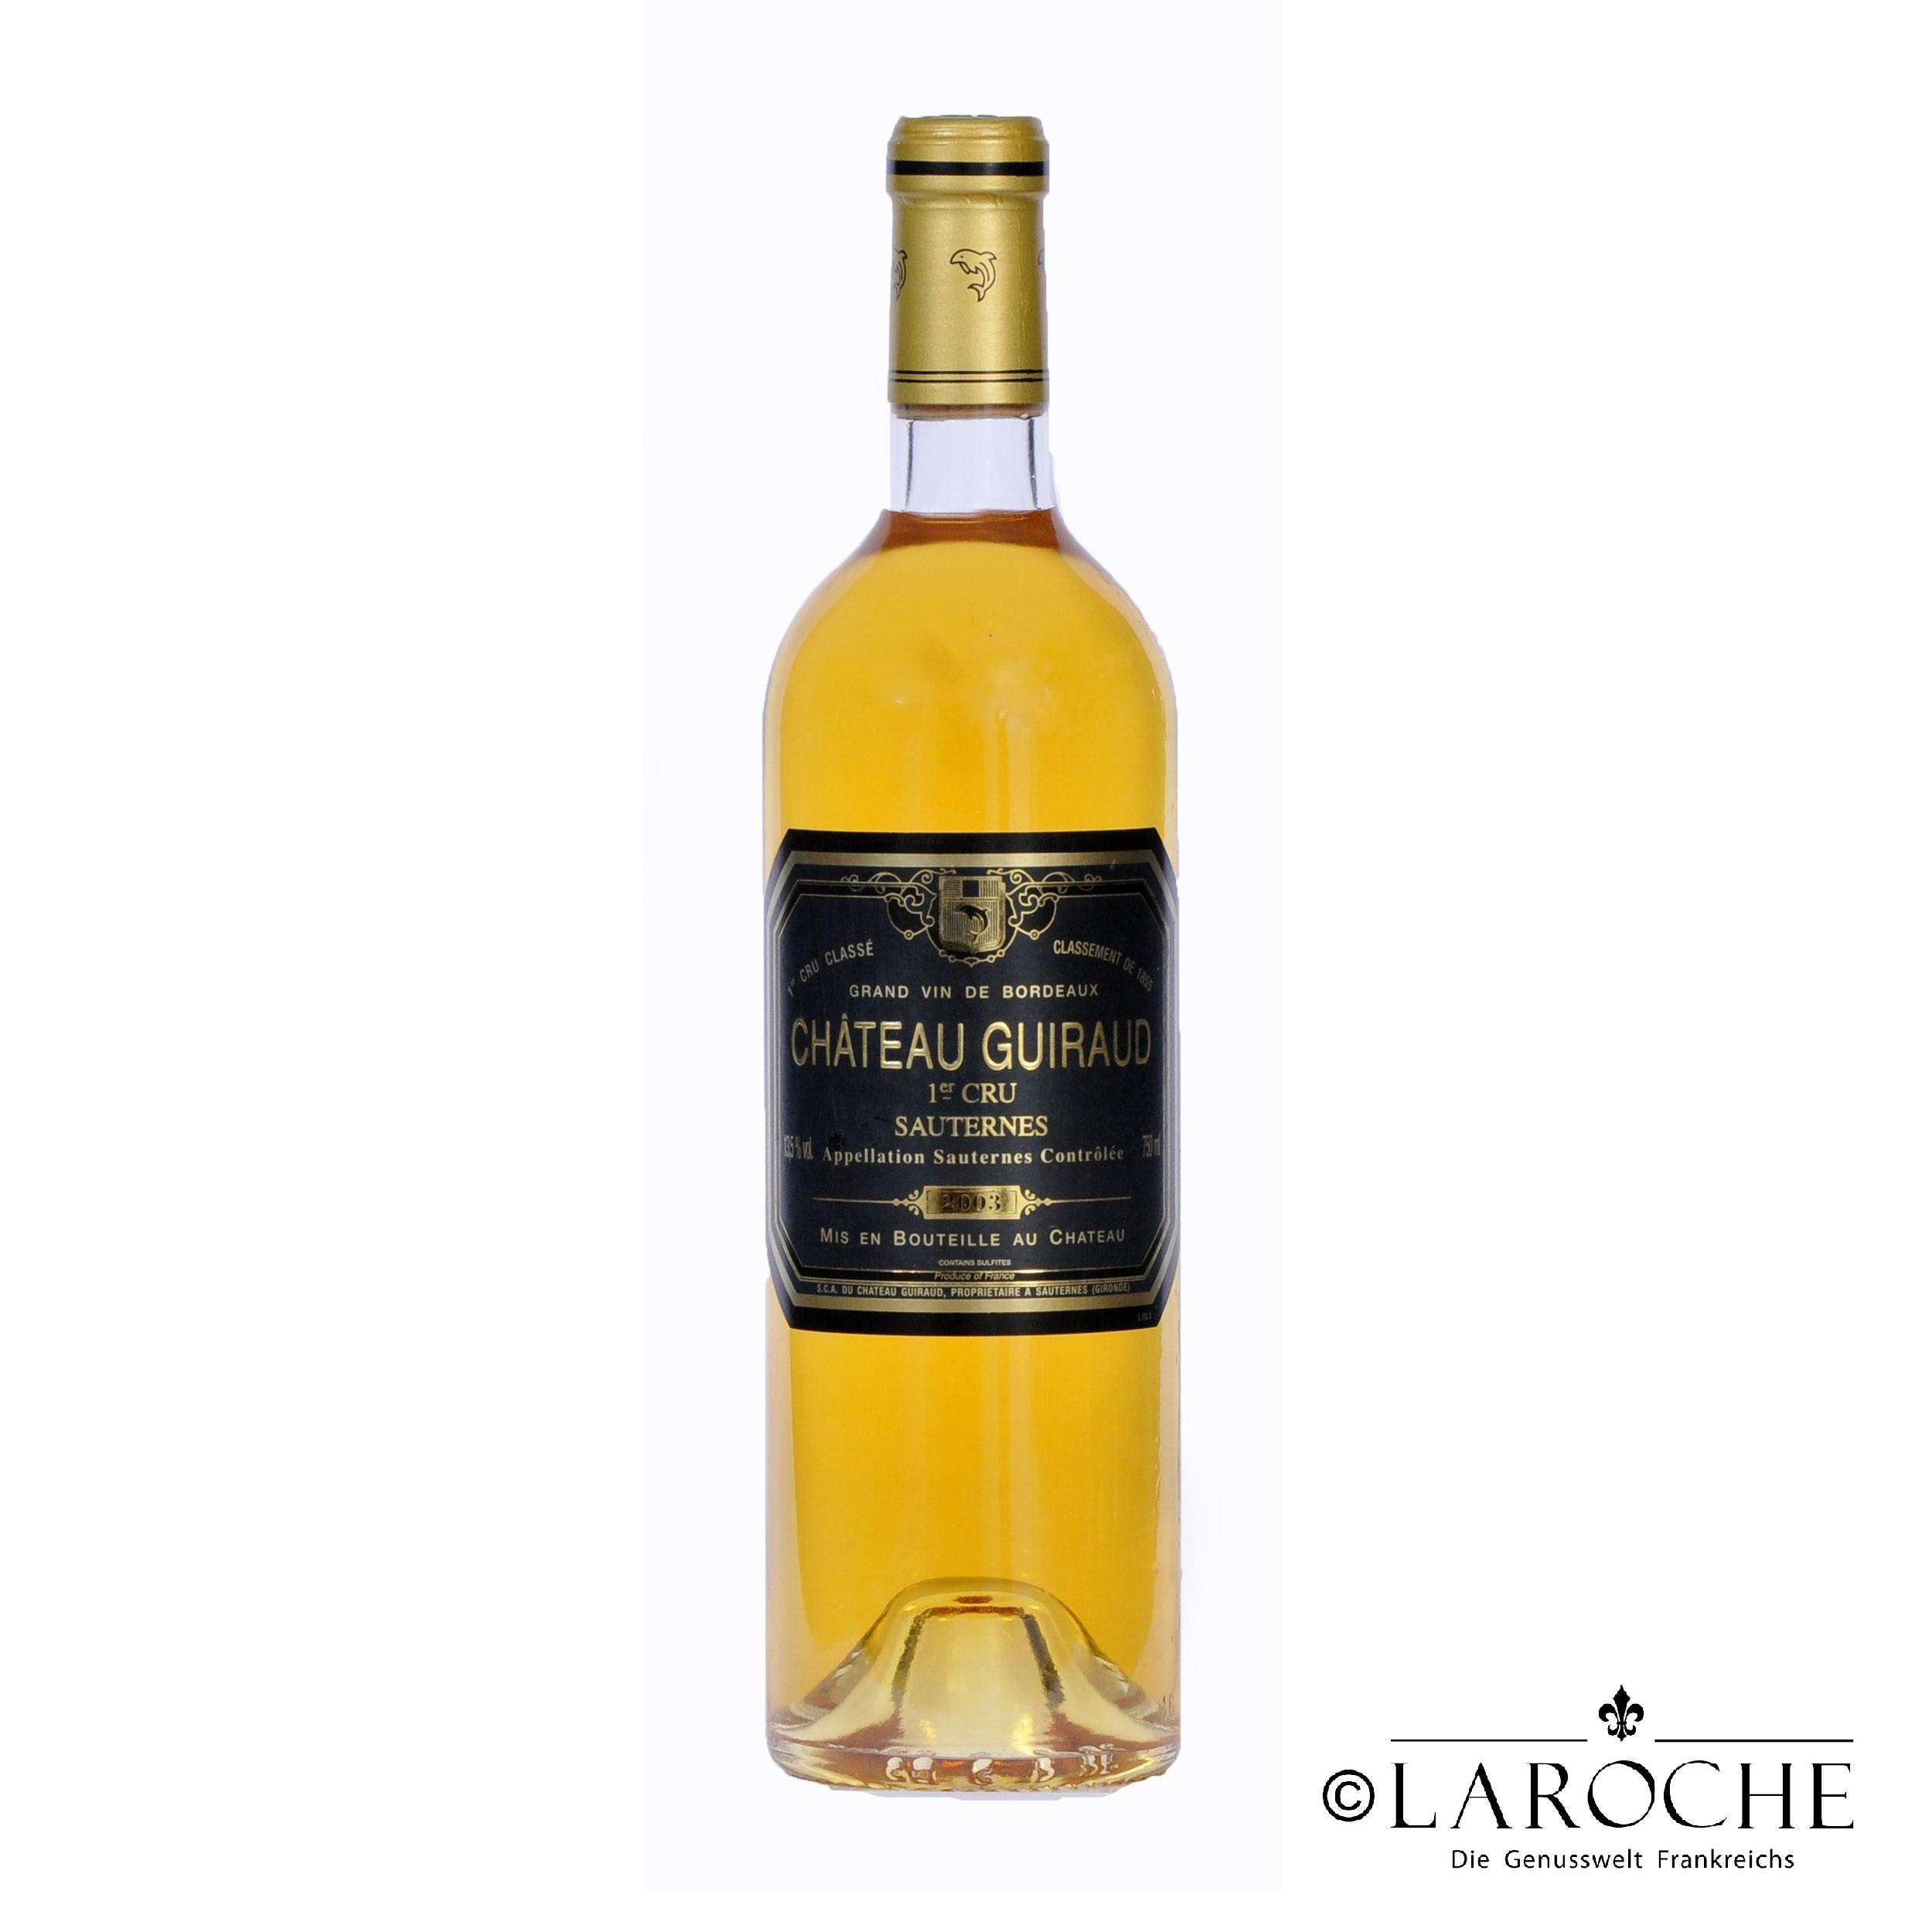 Chteau Guiraud 2015 Sauternes 1 Grand Cru Class